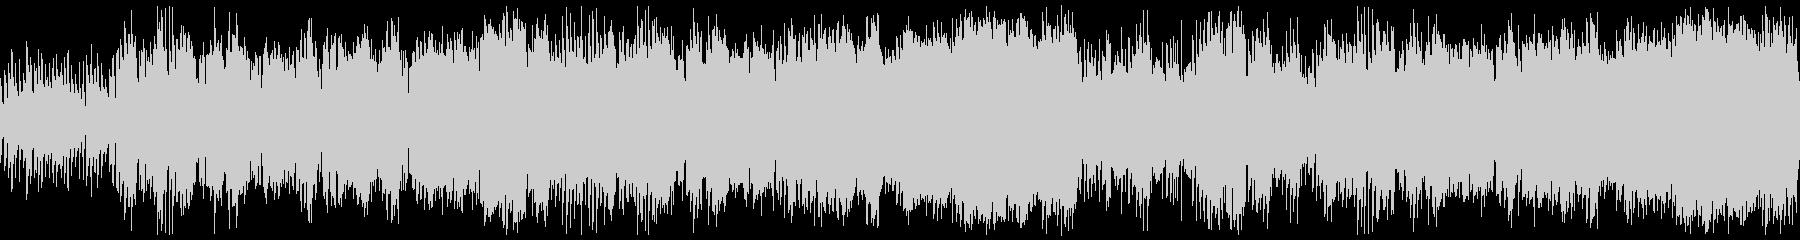 【ドラム抜き】カントリー+ノスタルジッ…の未再生の波形